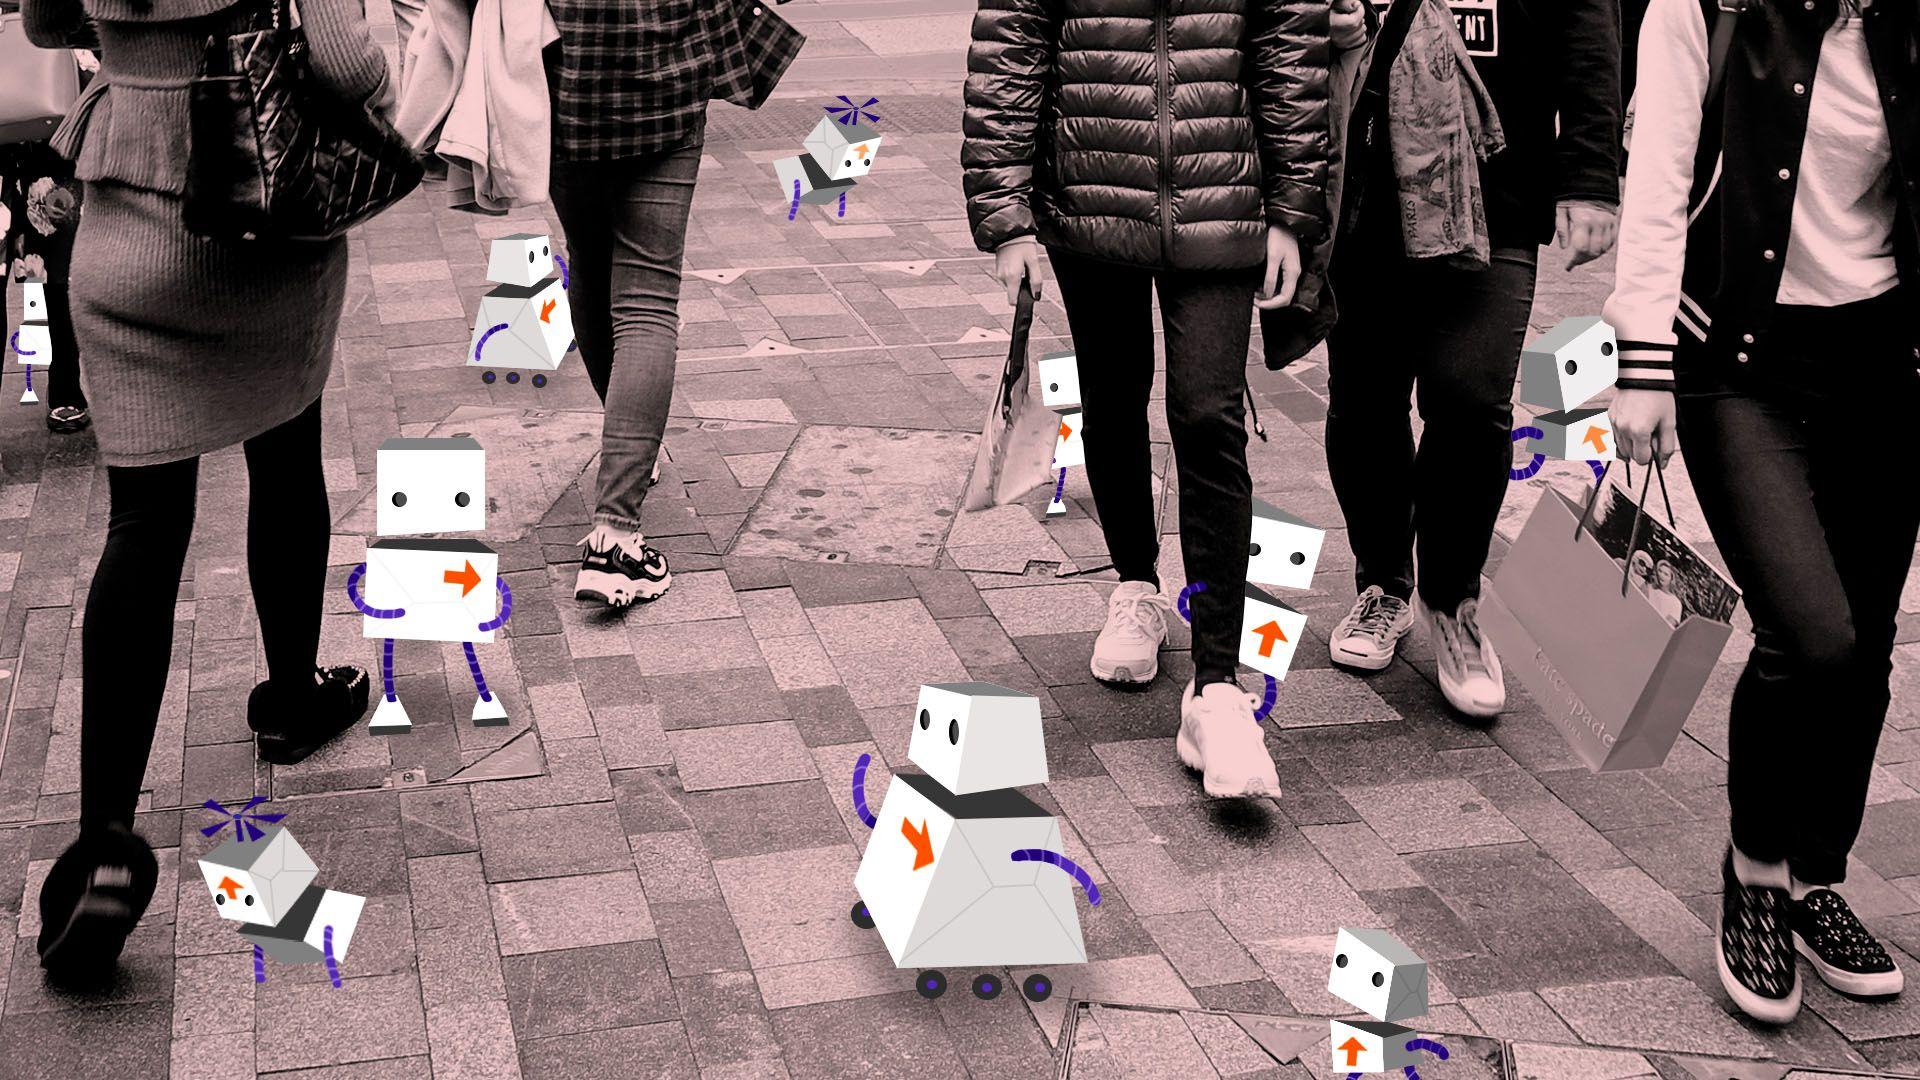 Illustration of cartoon FedEx robots populating a busy city sidewalk